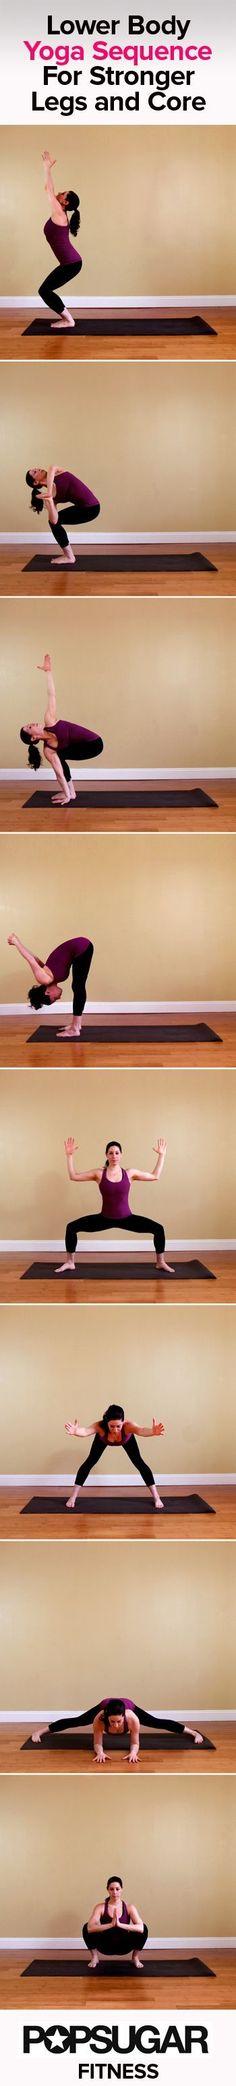 Yoga can improve balance